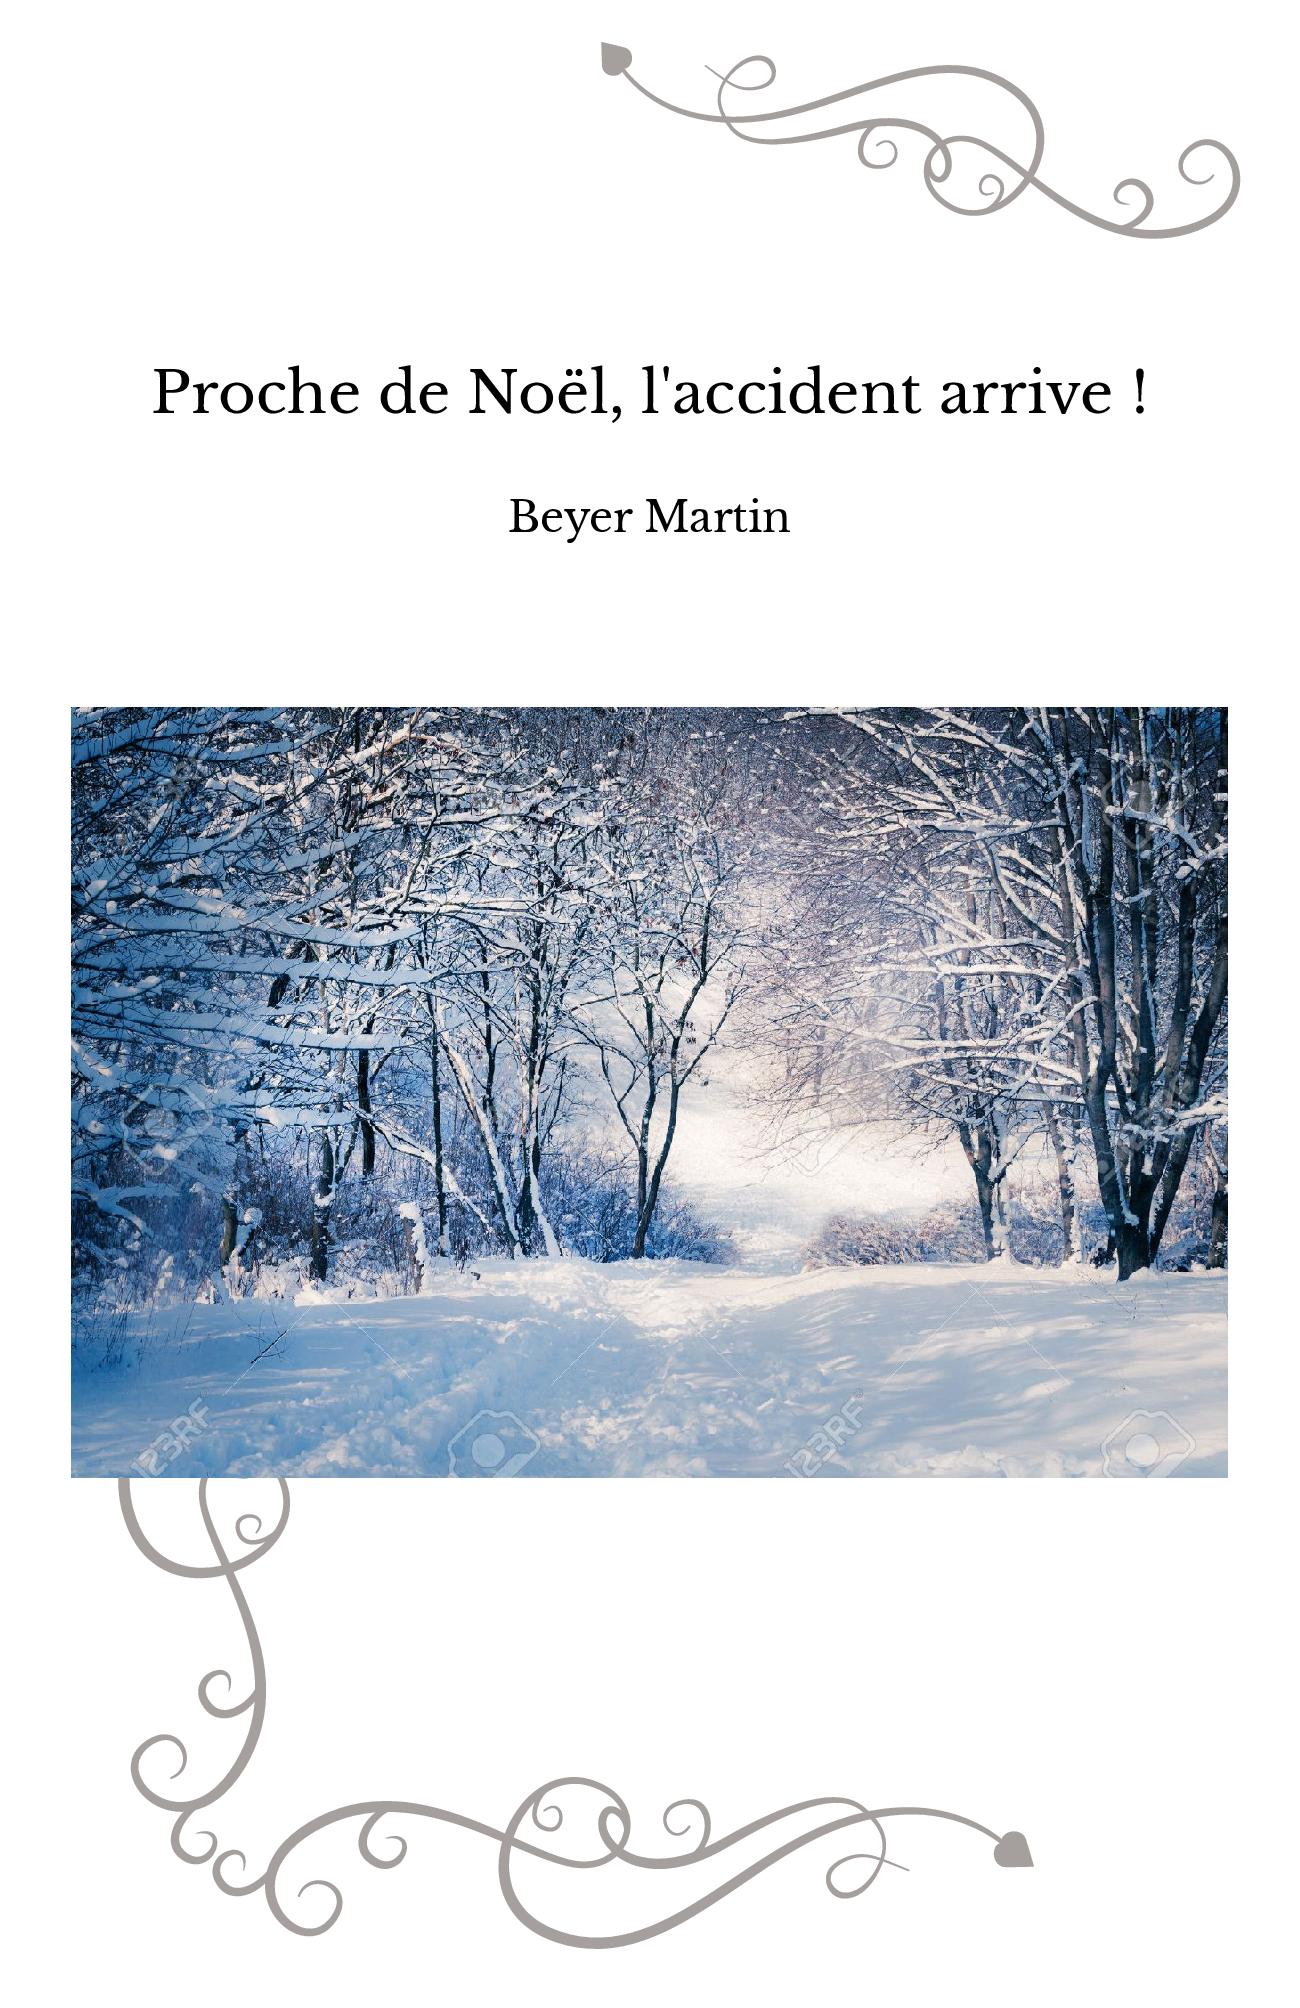 Proche de Noël, l'accident arrive !